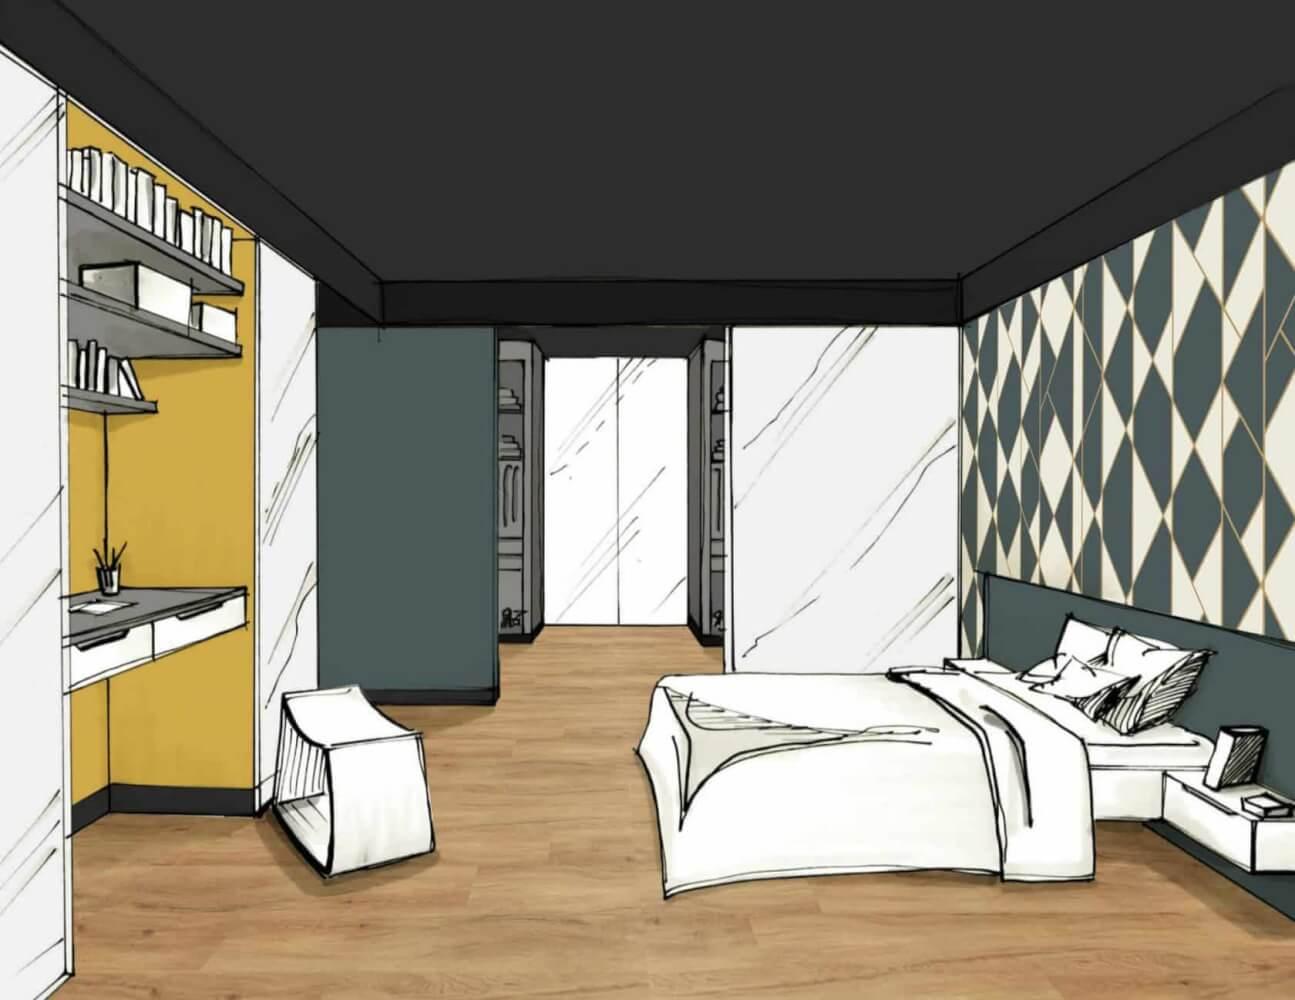 Chambre-Graphique - L'Atelier Des Couleursl'Atelier Des tout Atelier De Couleurs